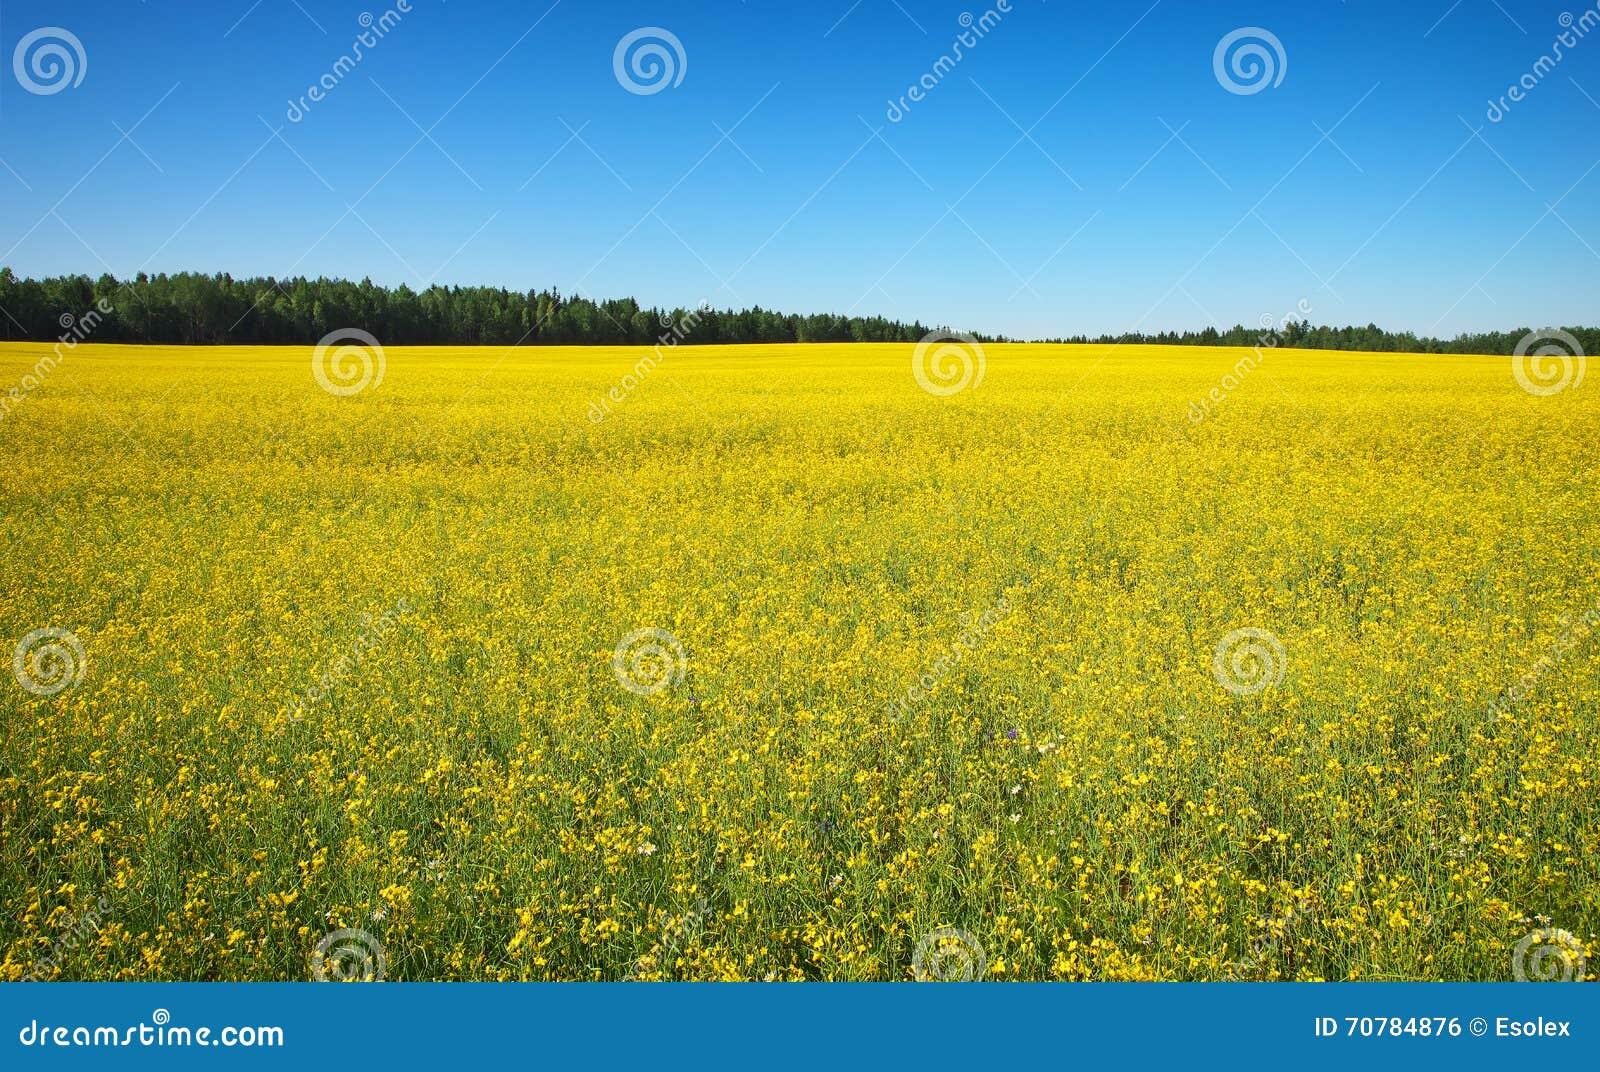 beautiful yellow field landscape - photo #4